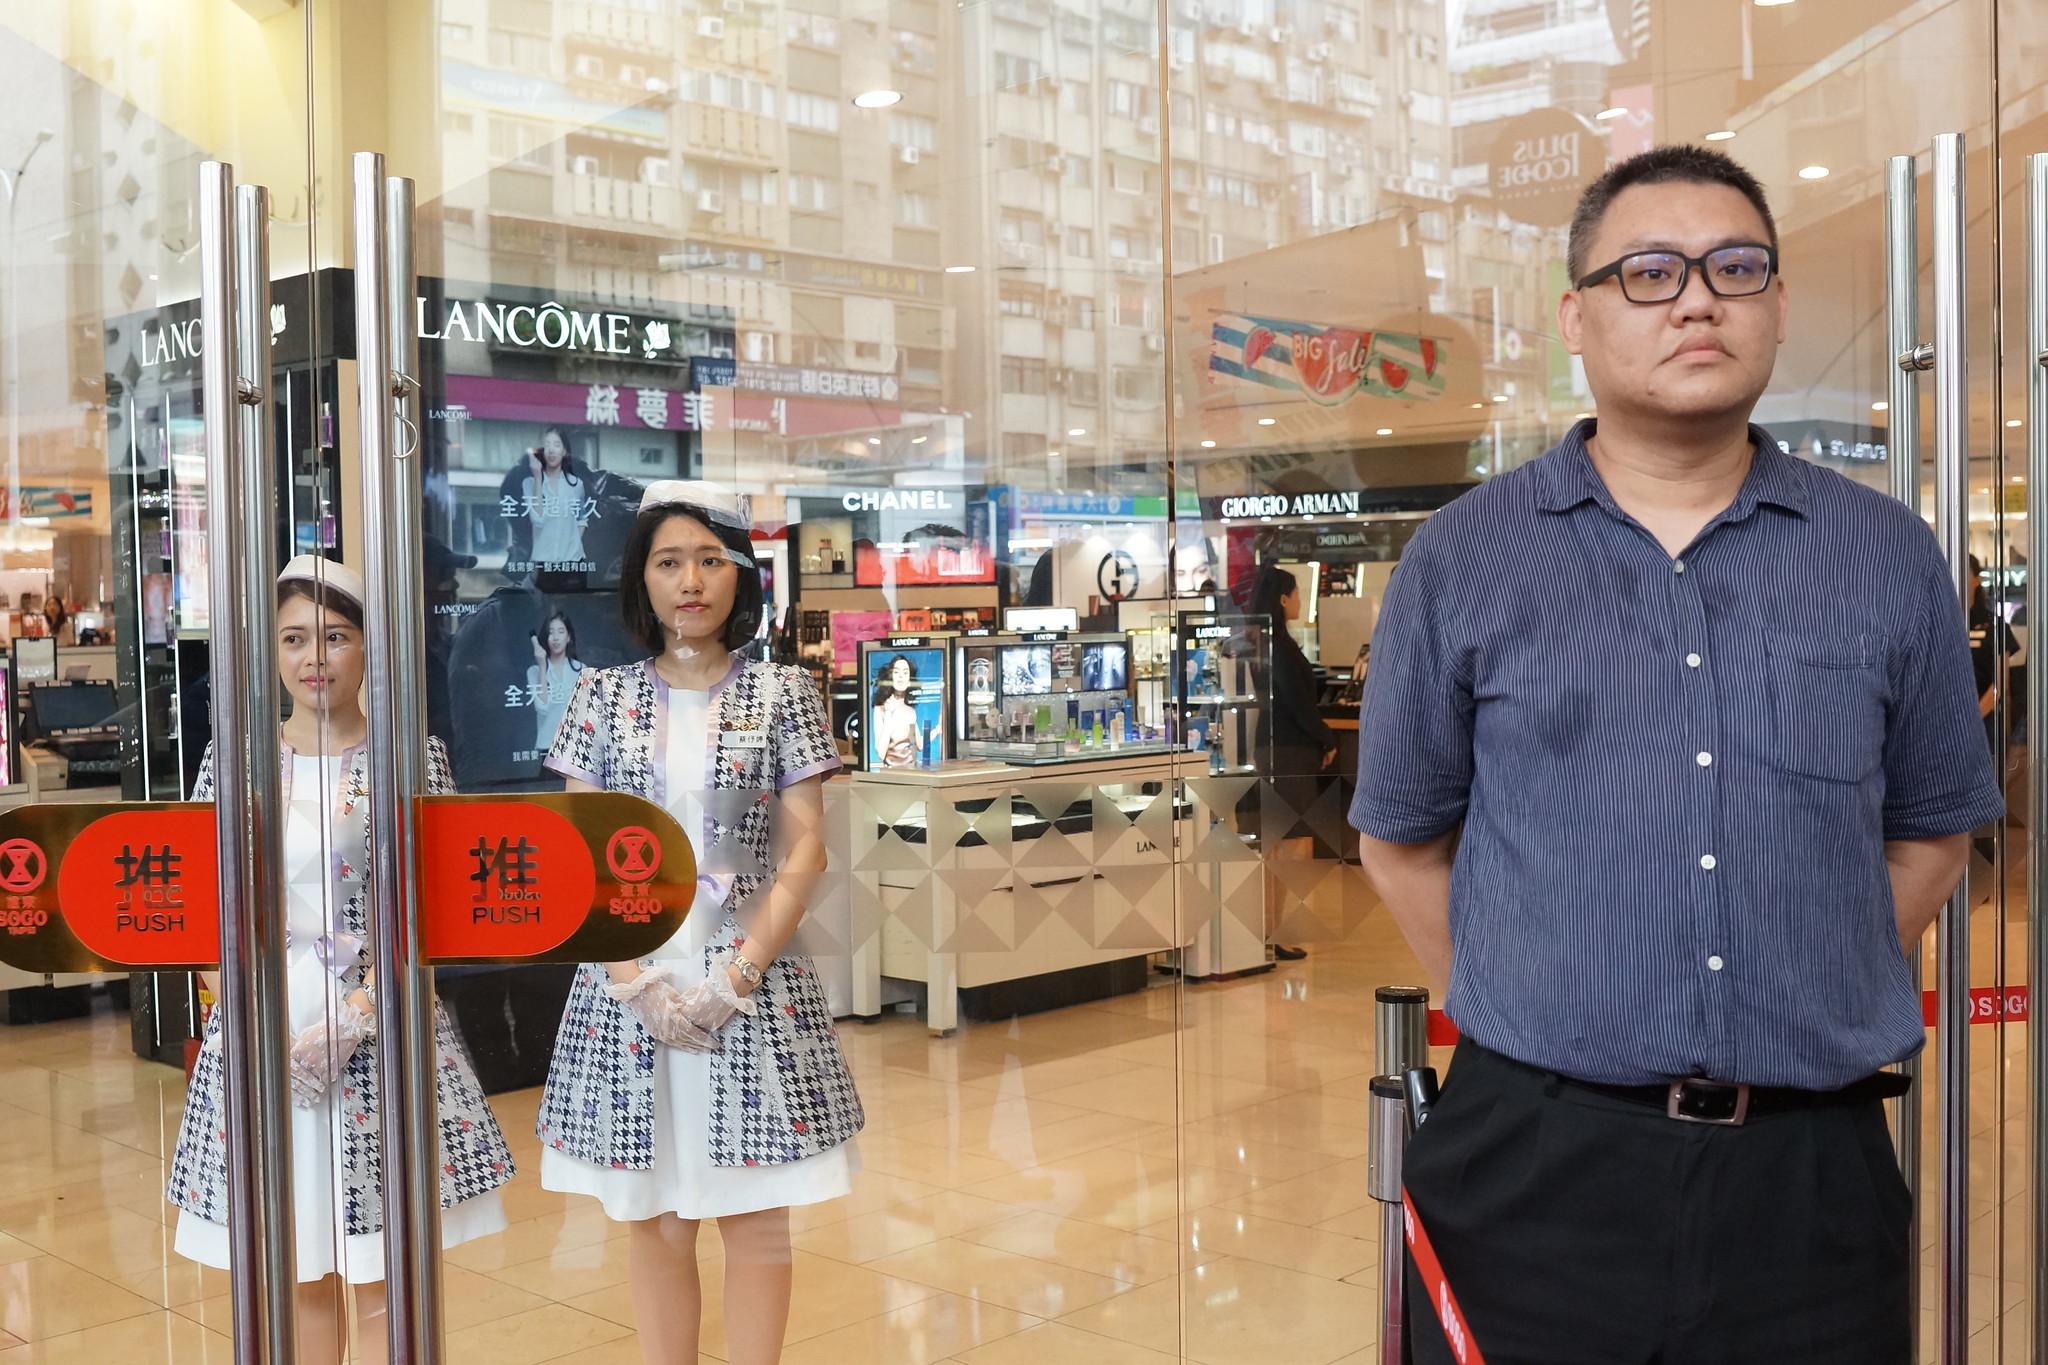 SOGO百貨11點開門,專櫃人員迎接顧客,門外保全負責阻擋工會。(攝影:王顥中)